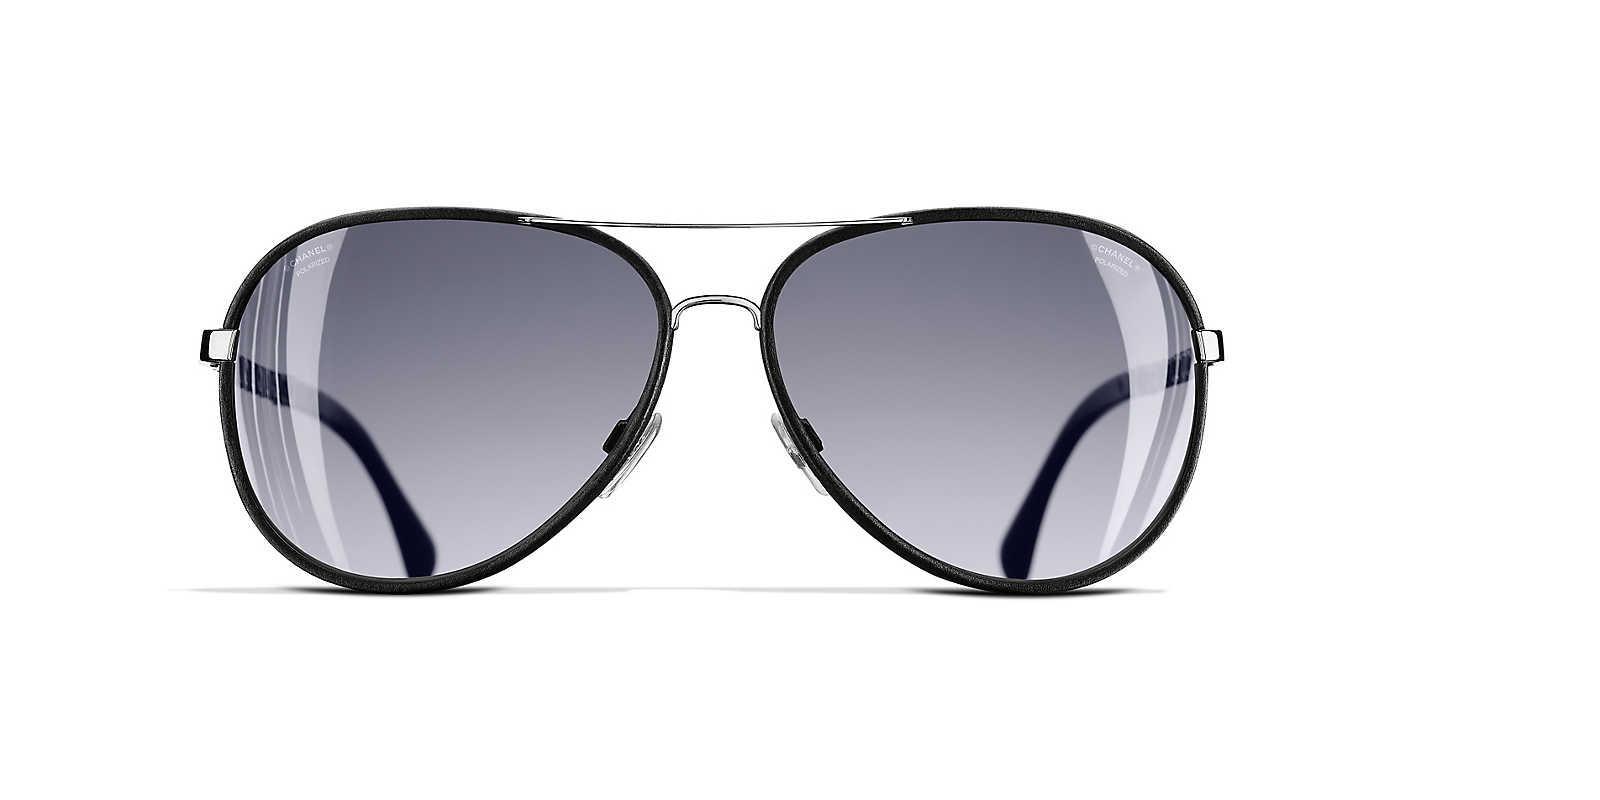 15d5106e96ba Chanel - Gray Sunglass Pilot Sunglasses - Lyst. View fullscreen